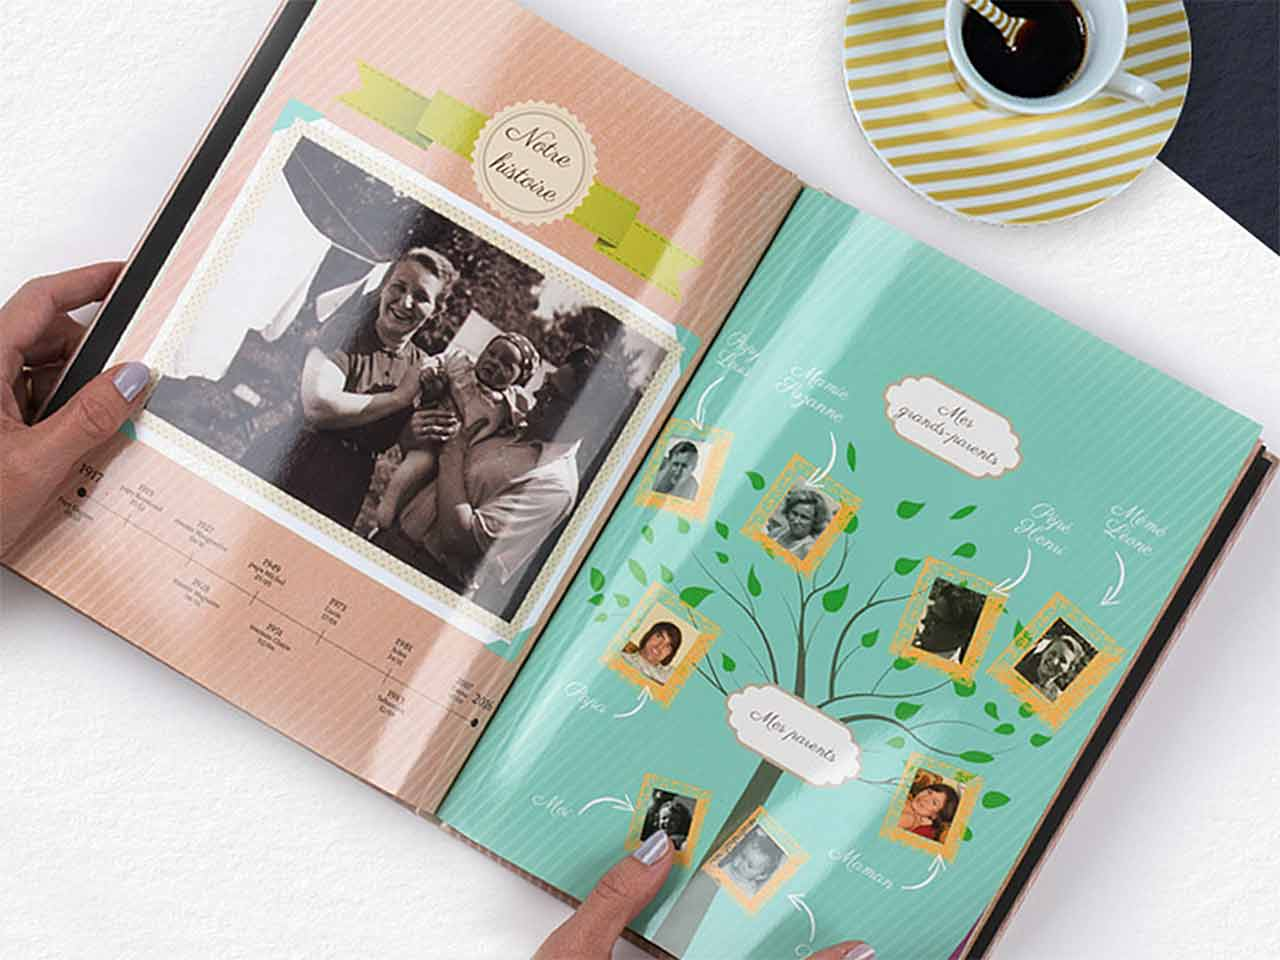 cr er album photo pourquoi faire un livre photo les raisons. Black Bedroom Furniture Sets. Home Design Ideas